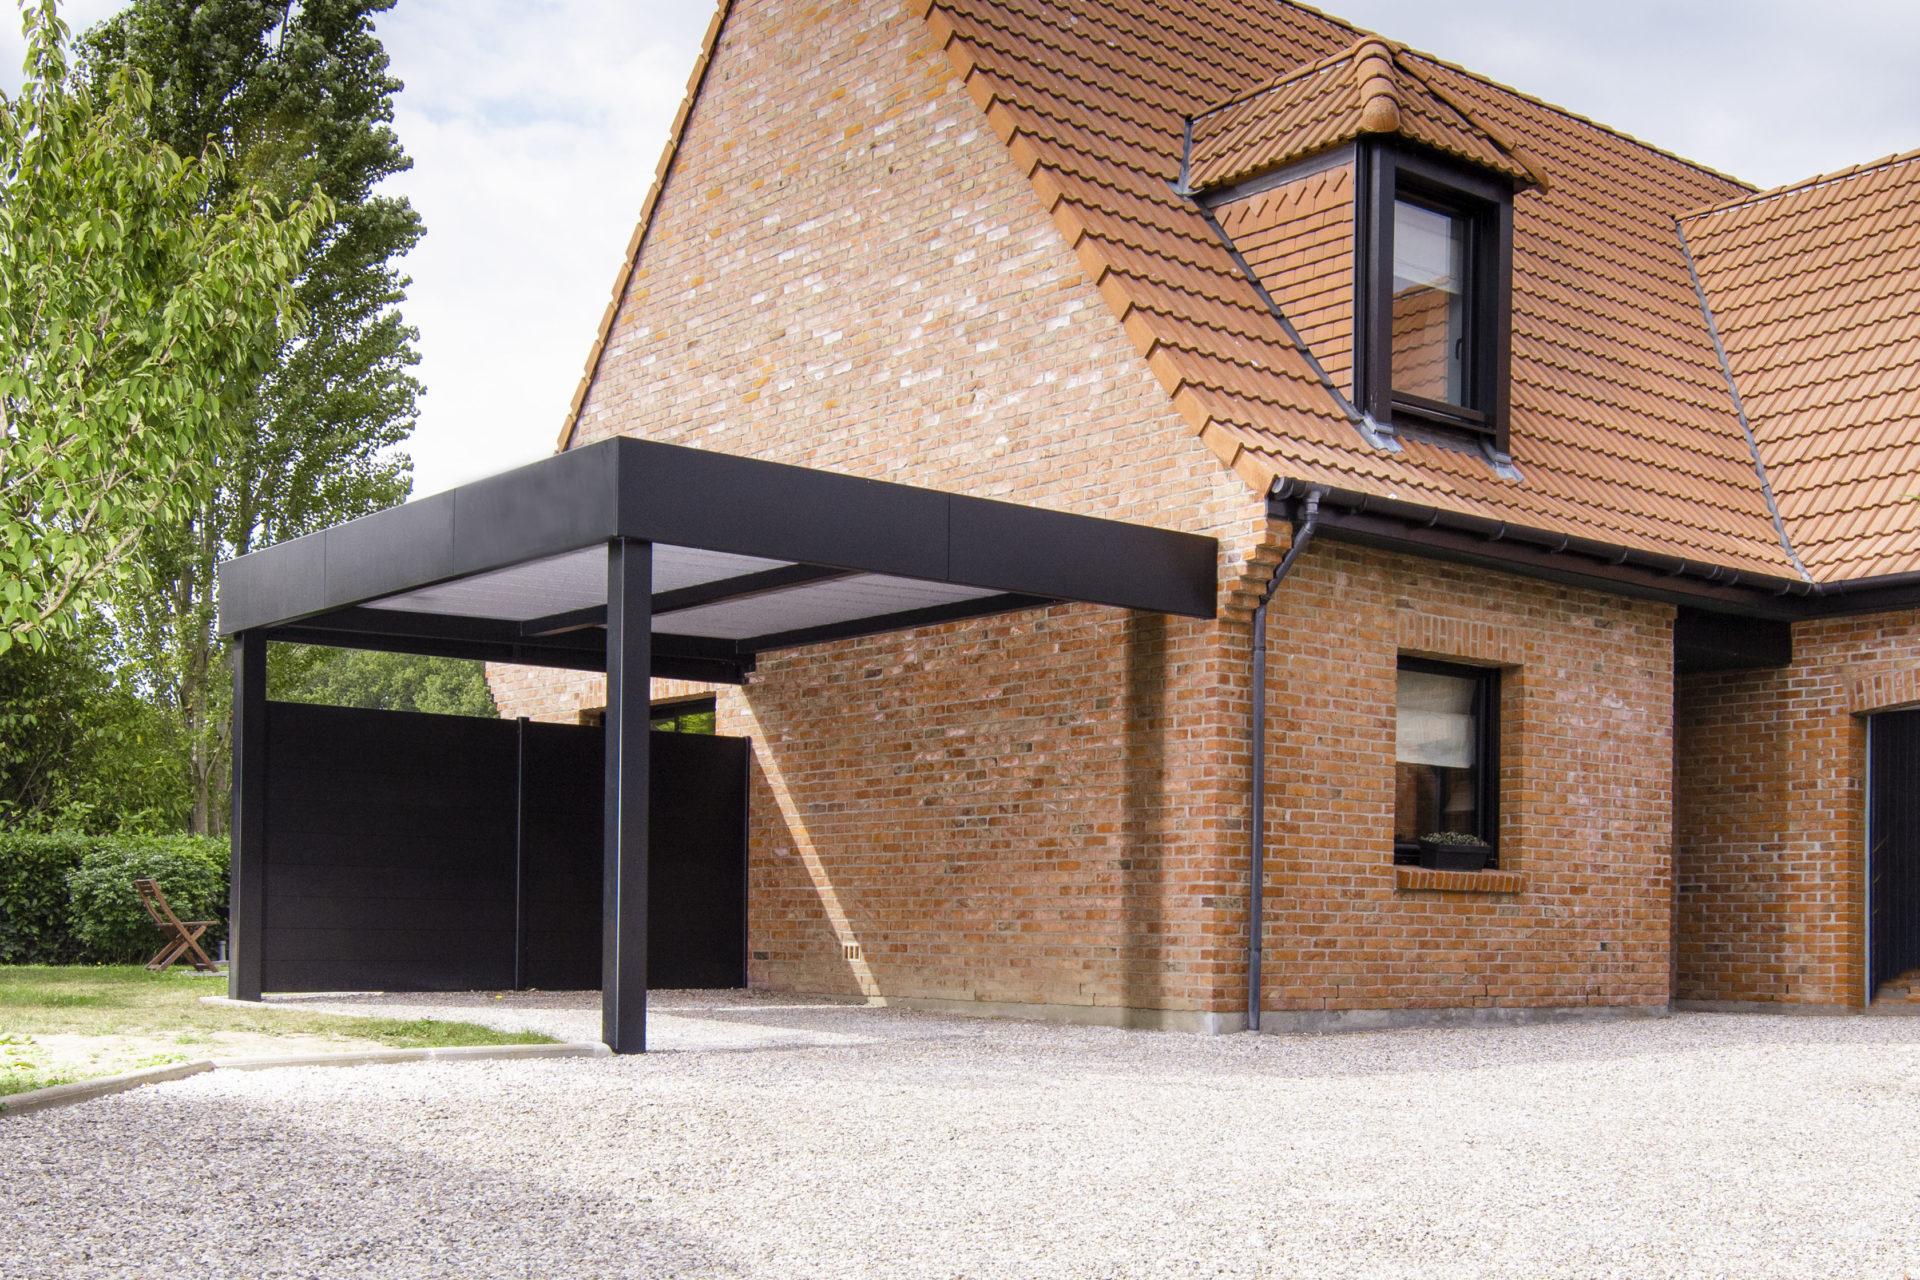 Carport aluminium Horizon adossé et brise-vues Prestliame